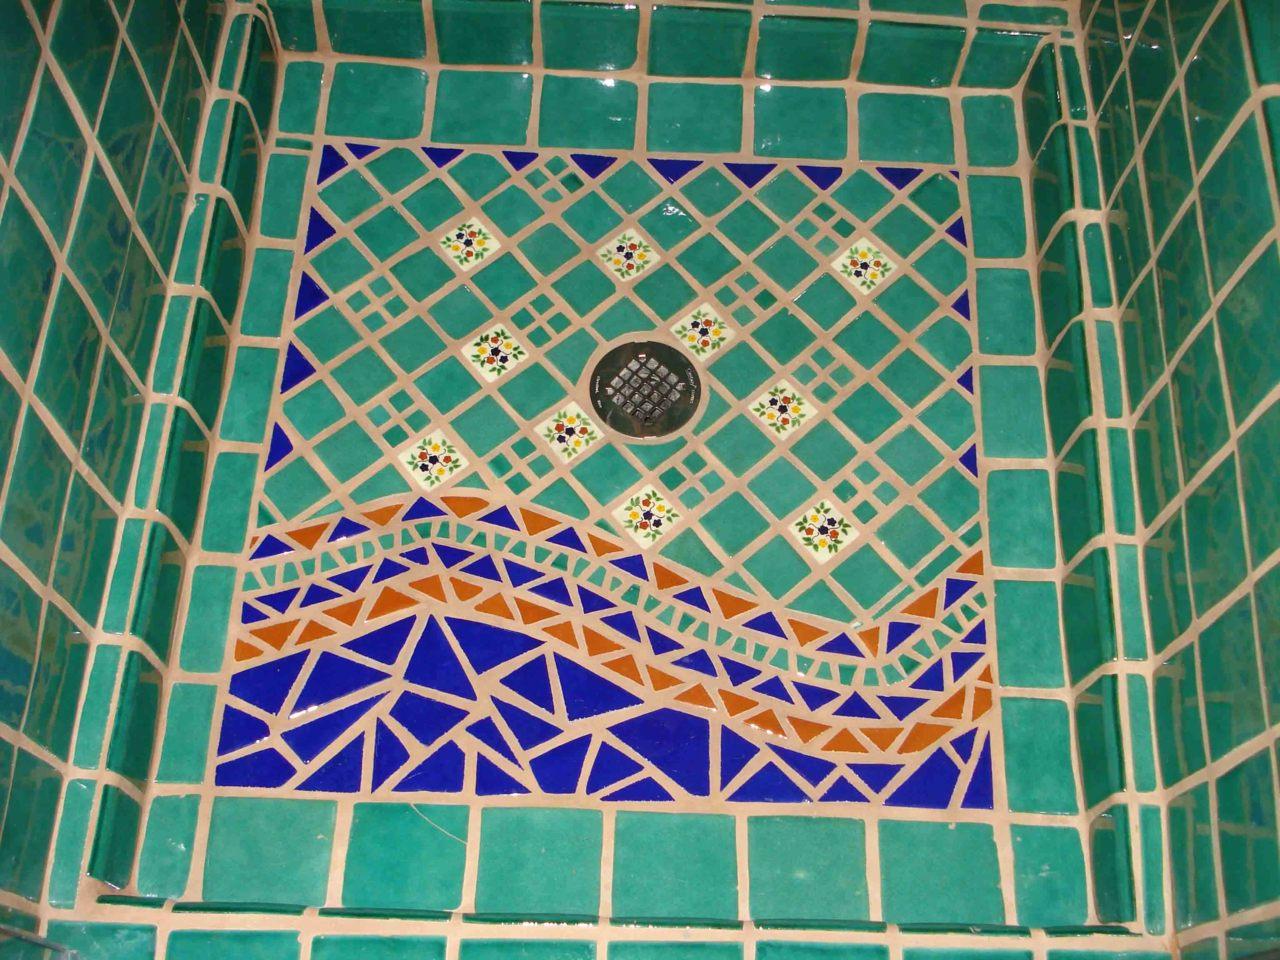 Painted Mexican Tiles Wallpaper PicsWallpapercom 1280x960